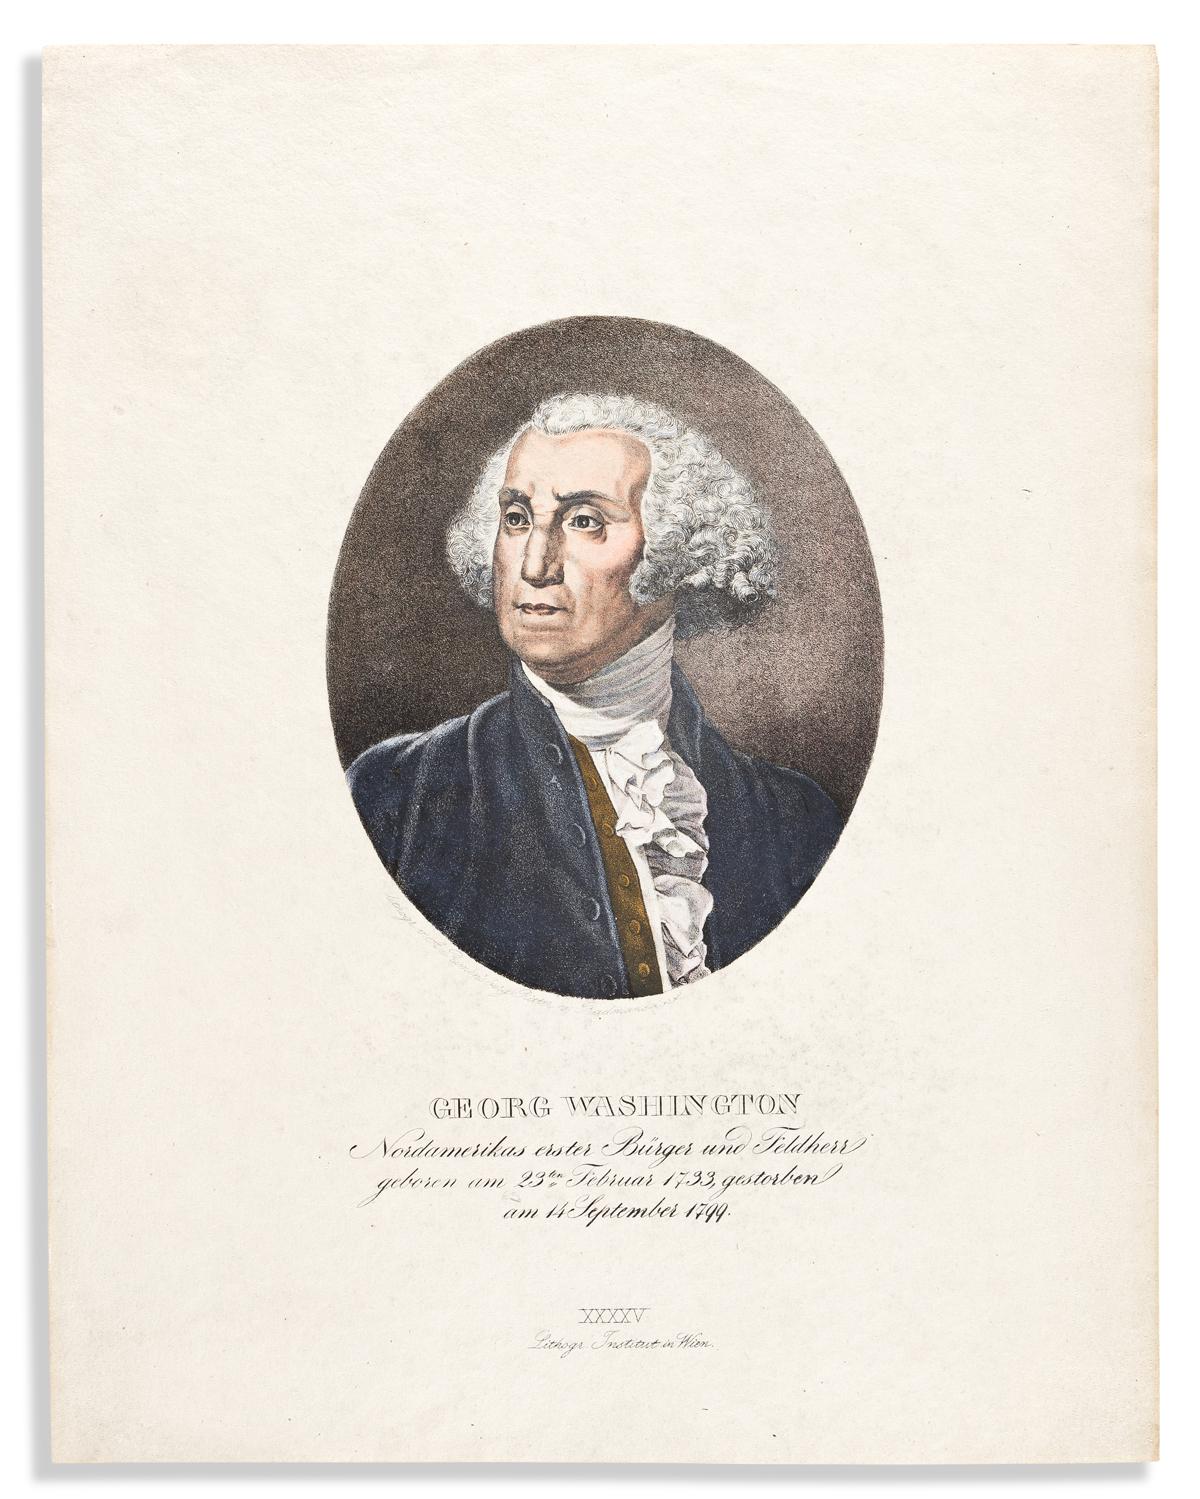 (WASHINGTON.) Albert Rimensberg Ritter von Radmansdorf. Georg Washington, Nordamerikas erster Bürger und Feldherr.